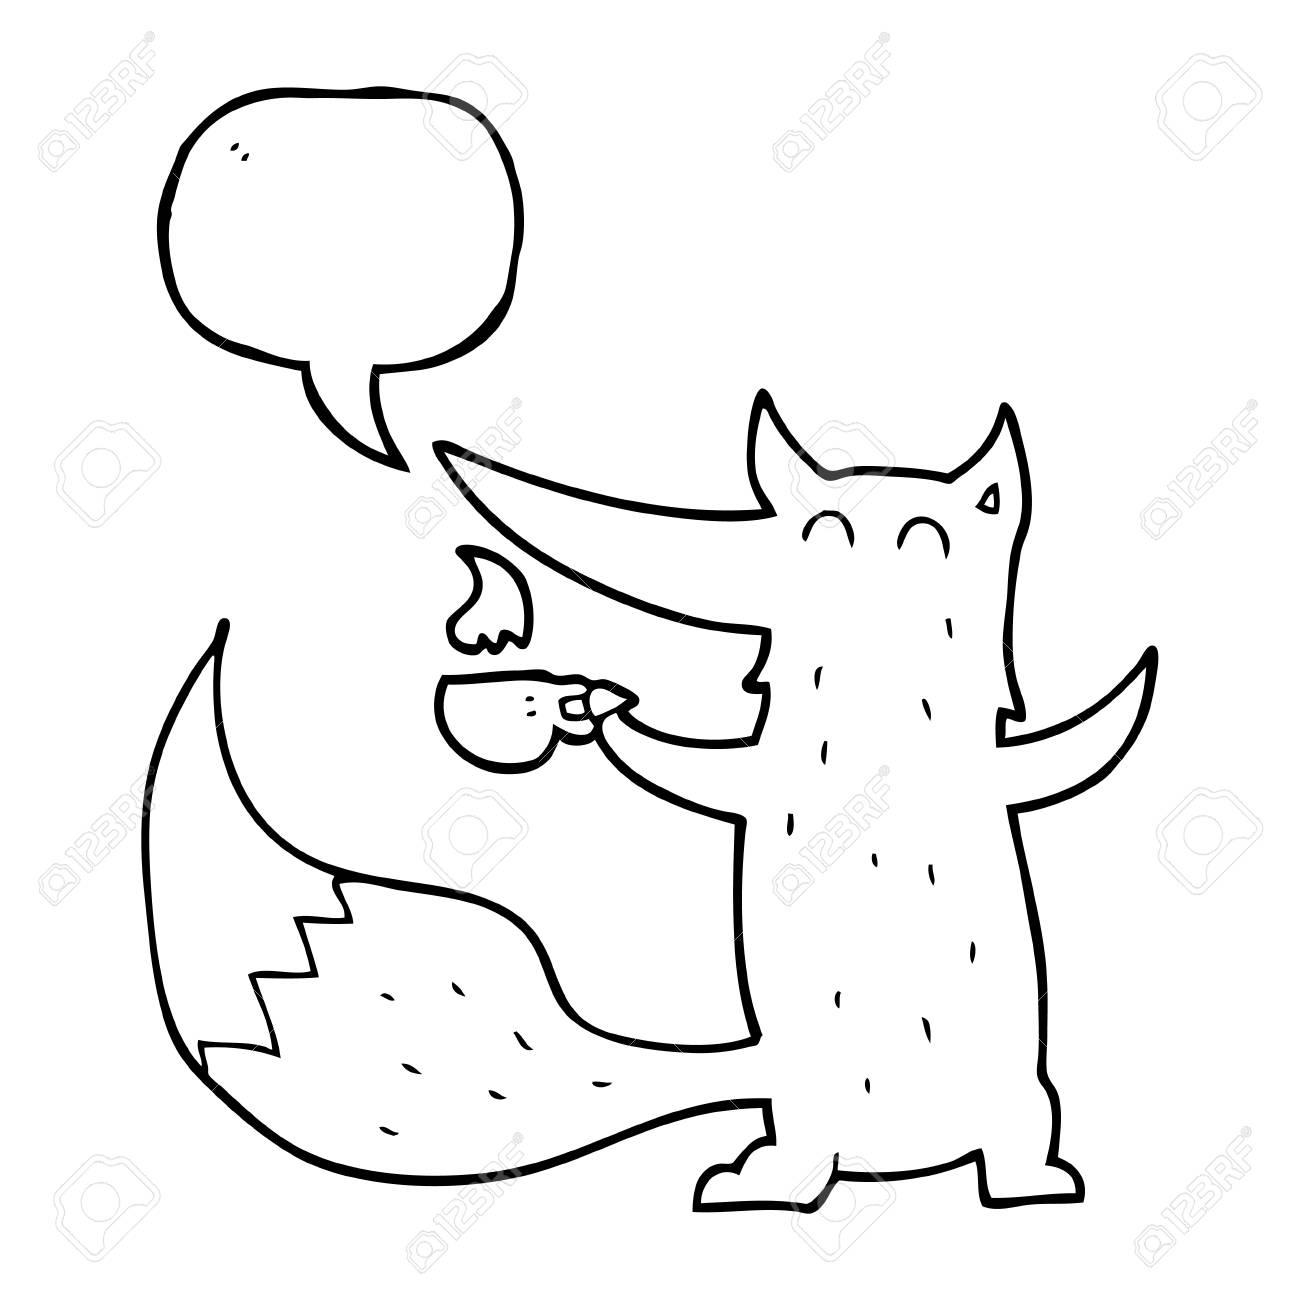 Freihändig Gezeichnet Sprechblase Cartoon Wolf Mit Kaffeetasse